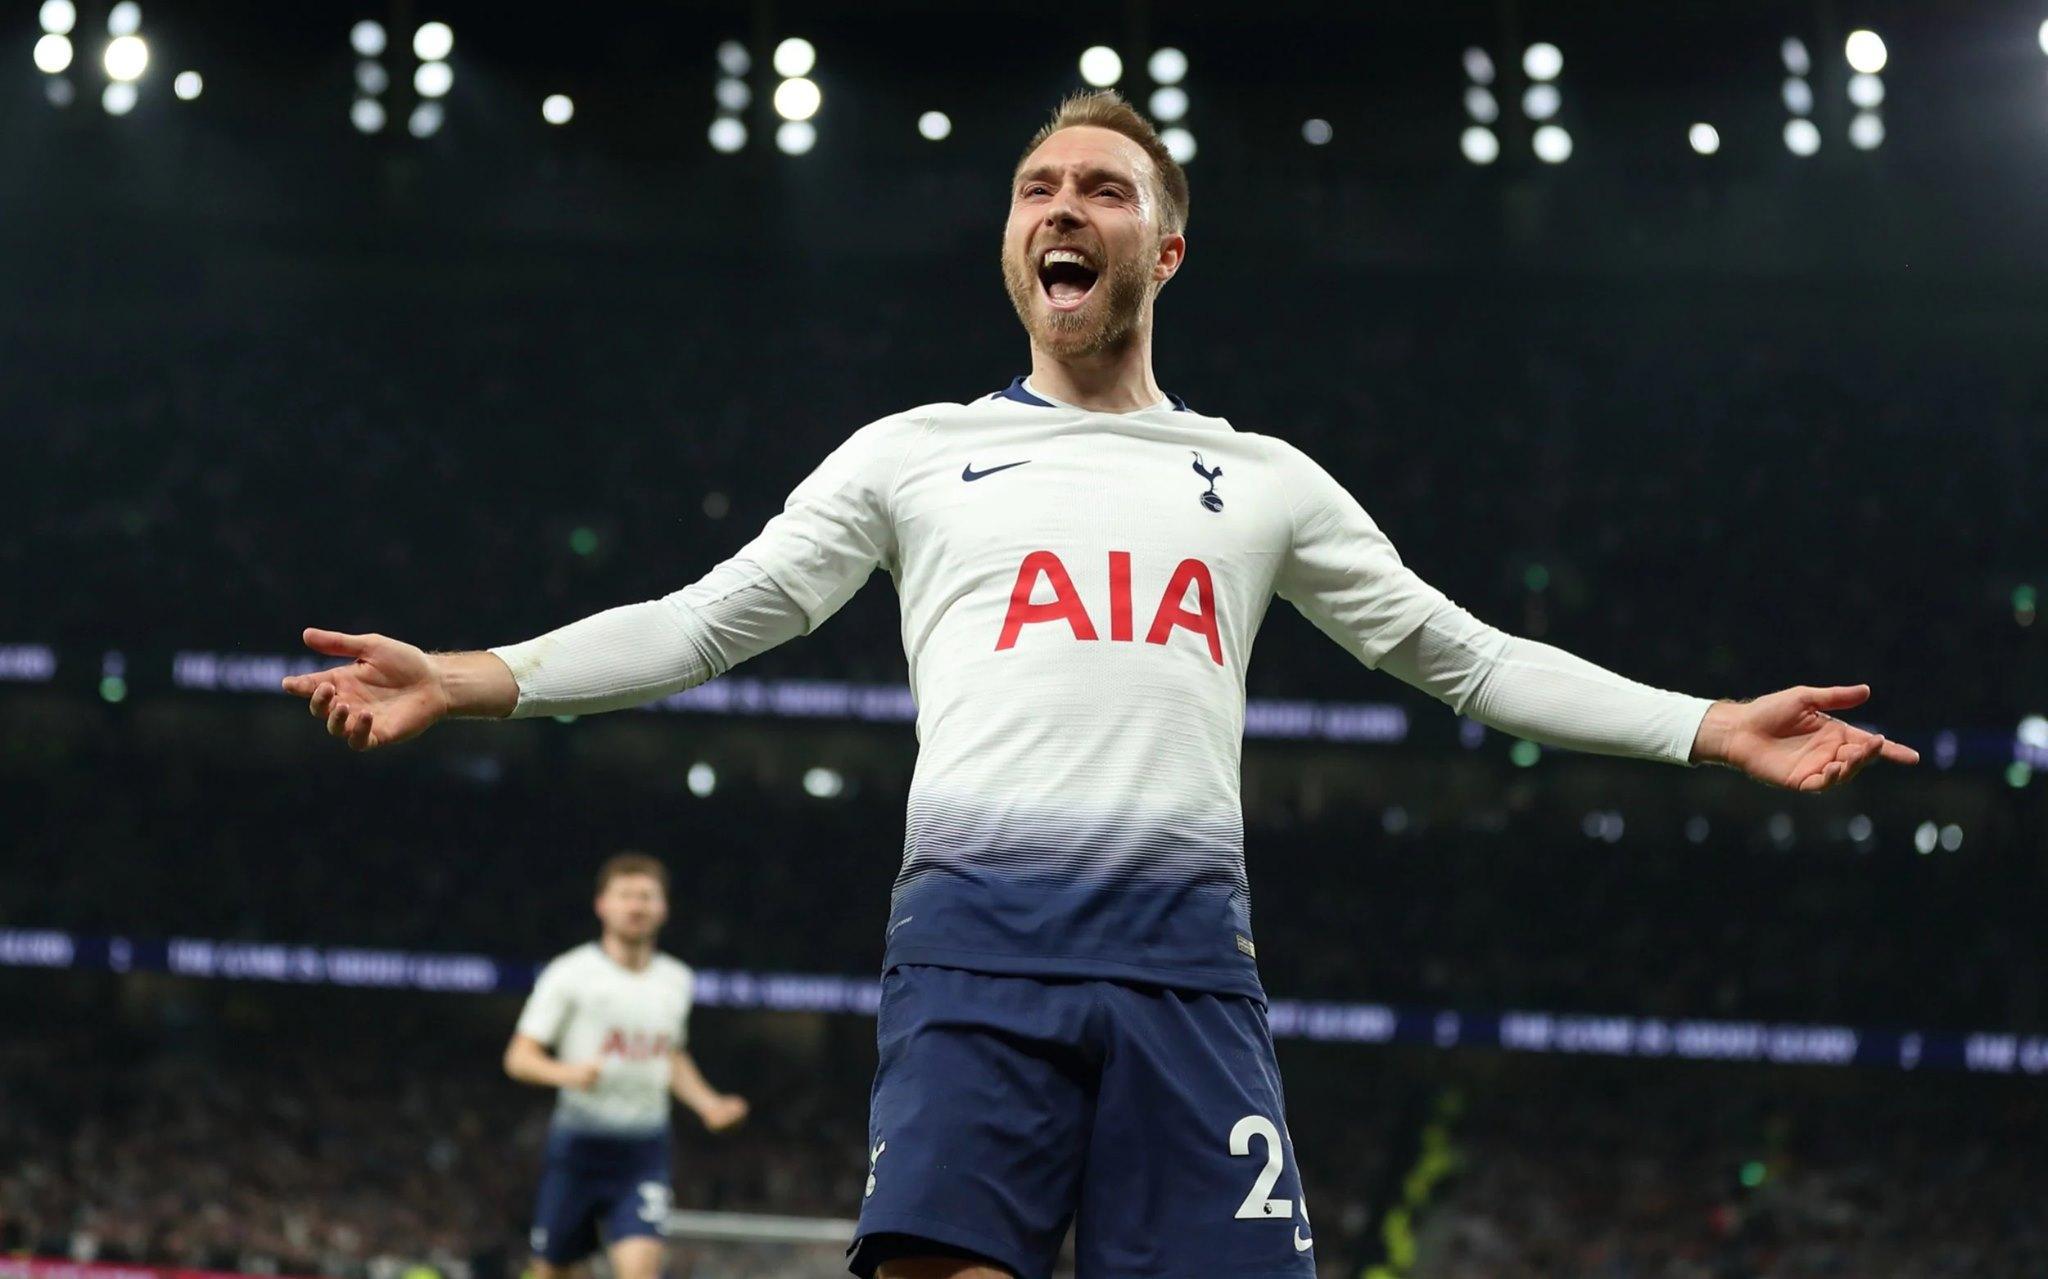 Khoảng thời gian thi đấu cho Tottenham rất thành công của Eriksen